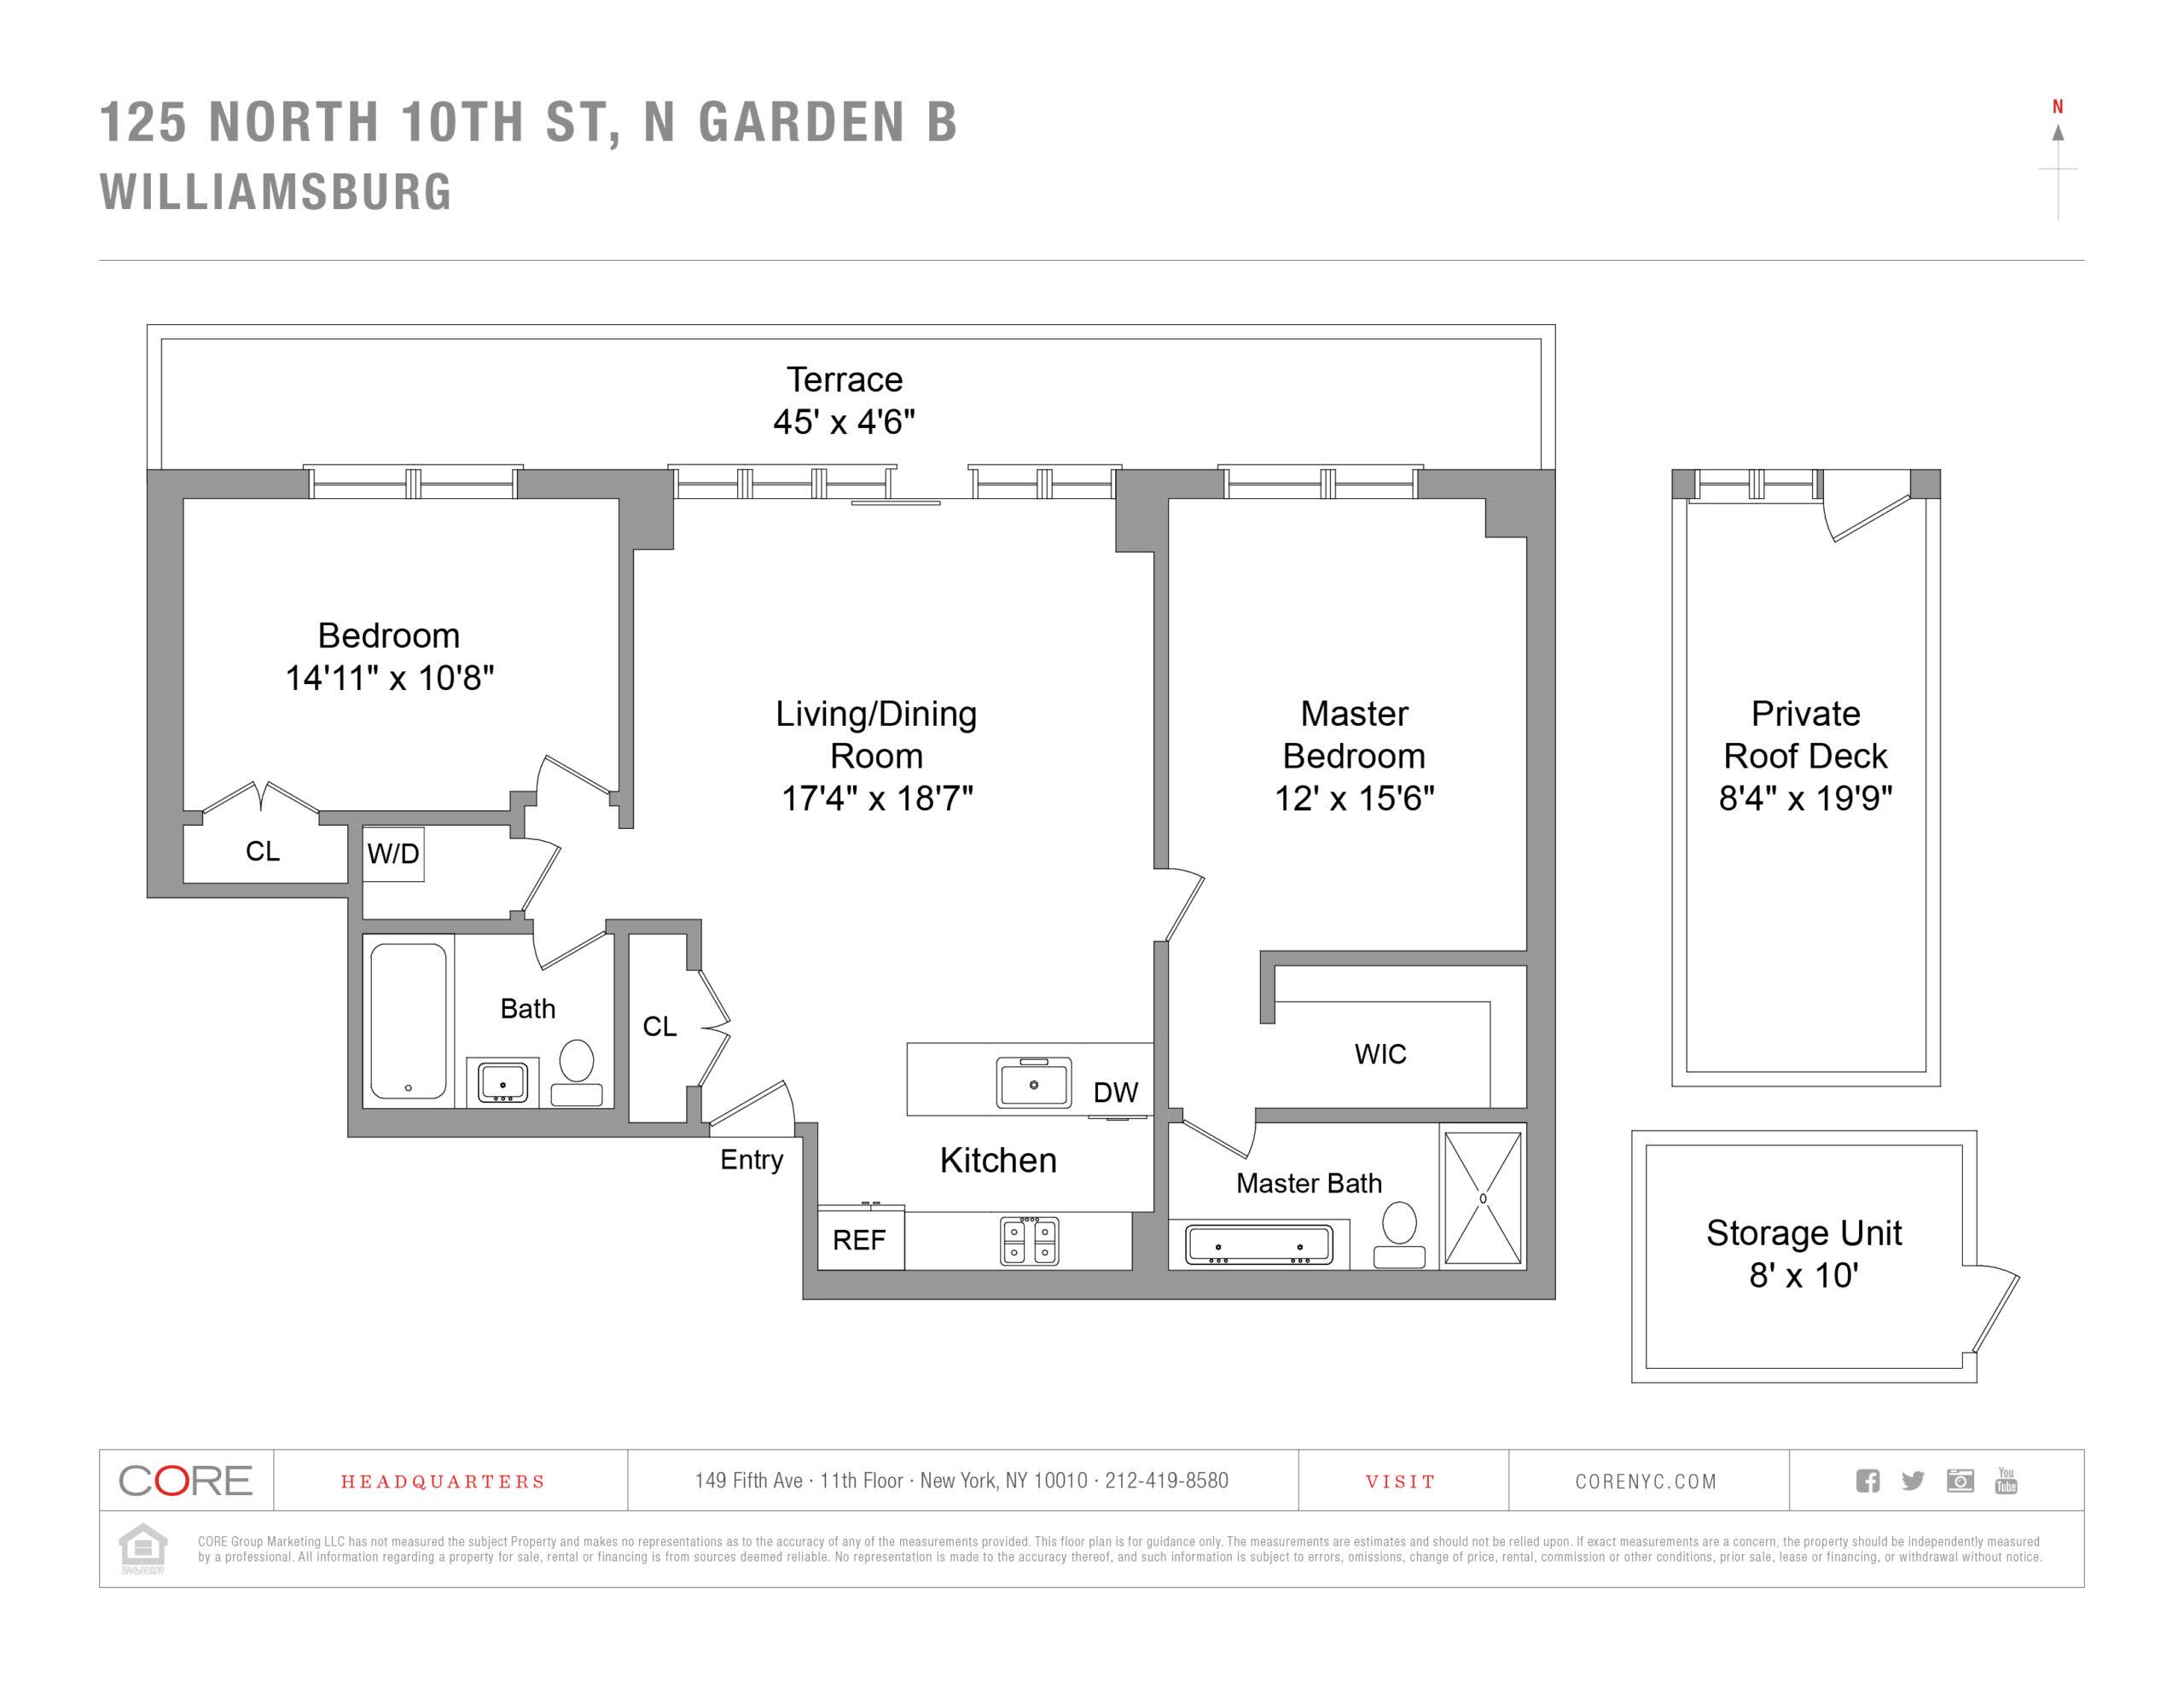 125 North 10th St. N GARDEN B, Brooklyn, NY 11249